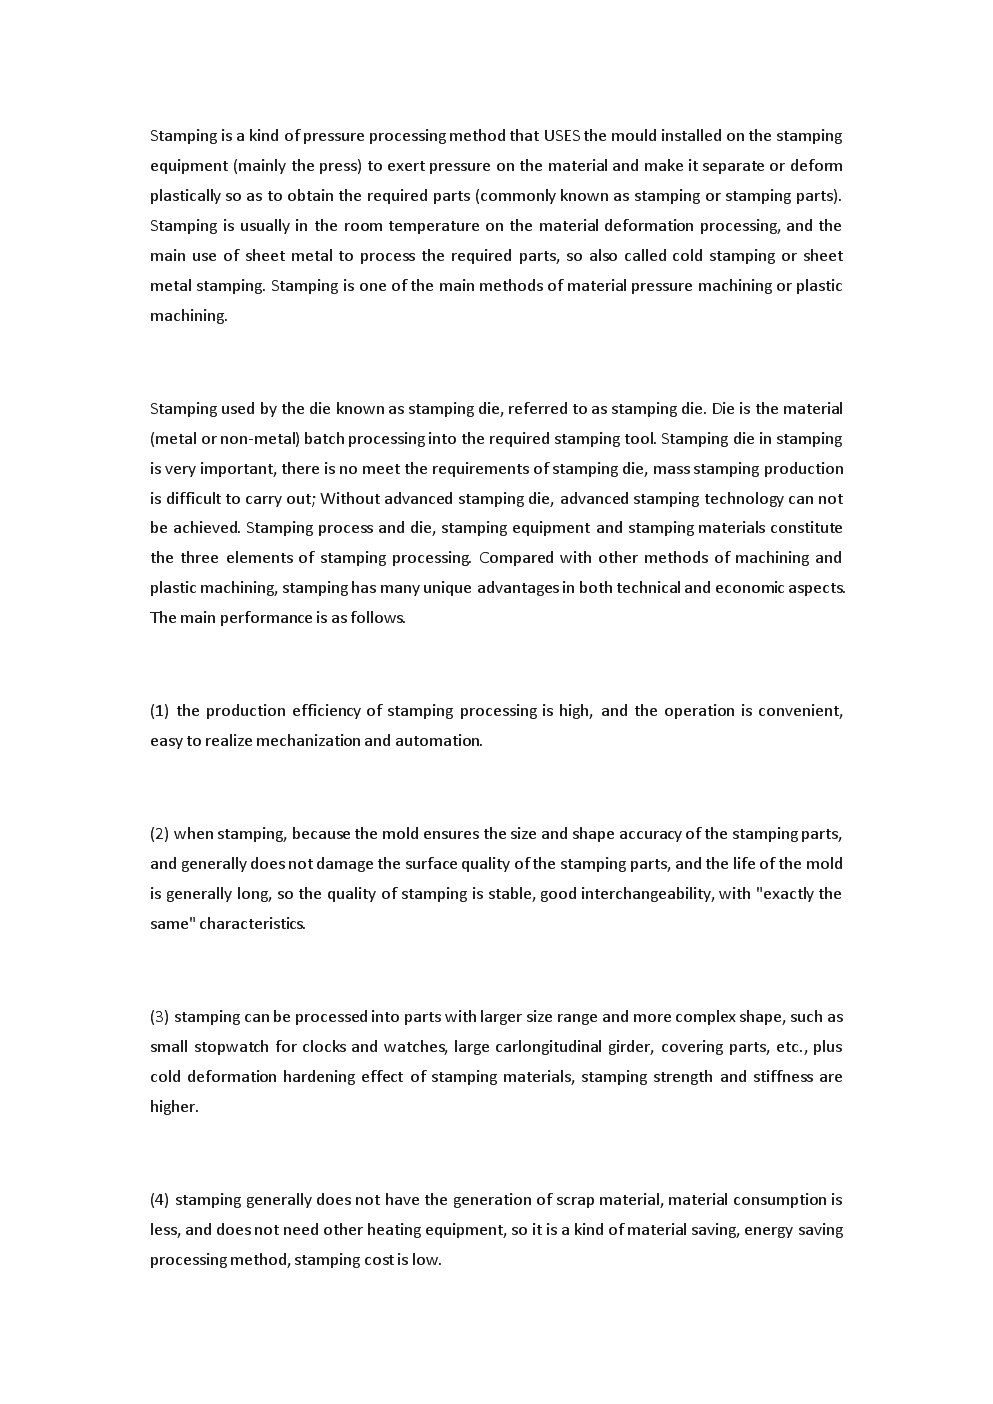 调节器附件(4)冷冲模设计英文翻译.docx